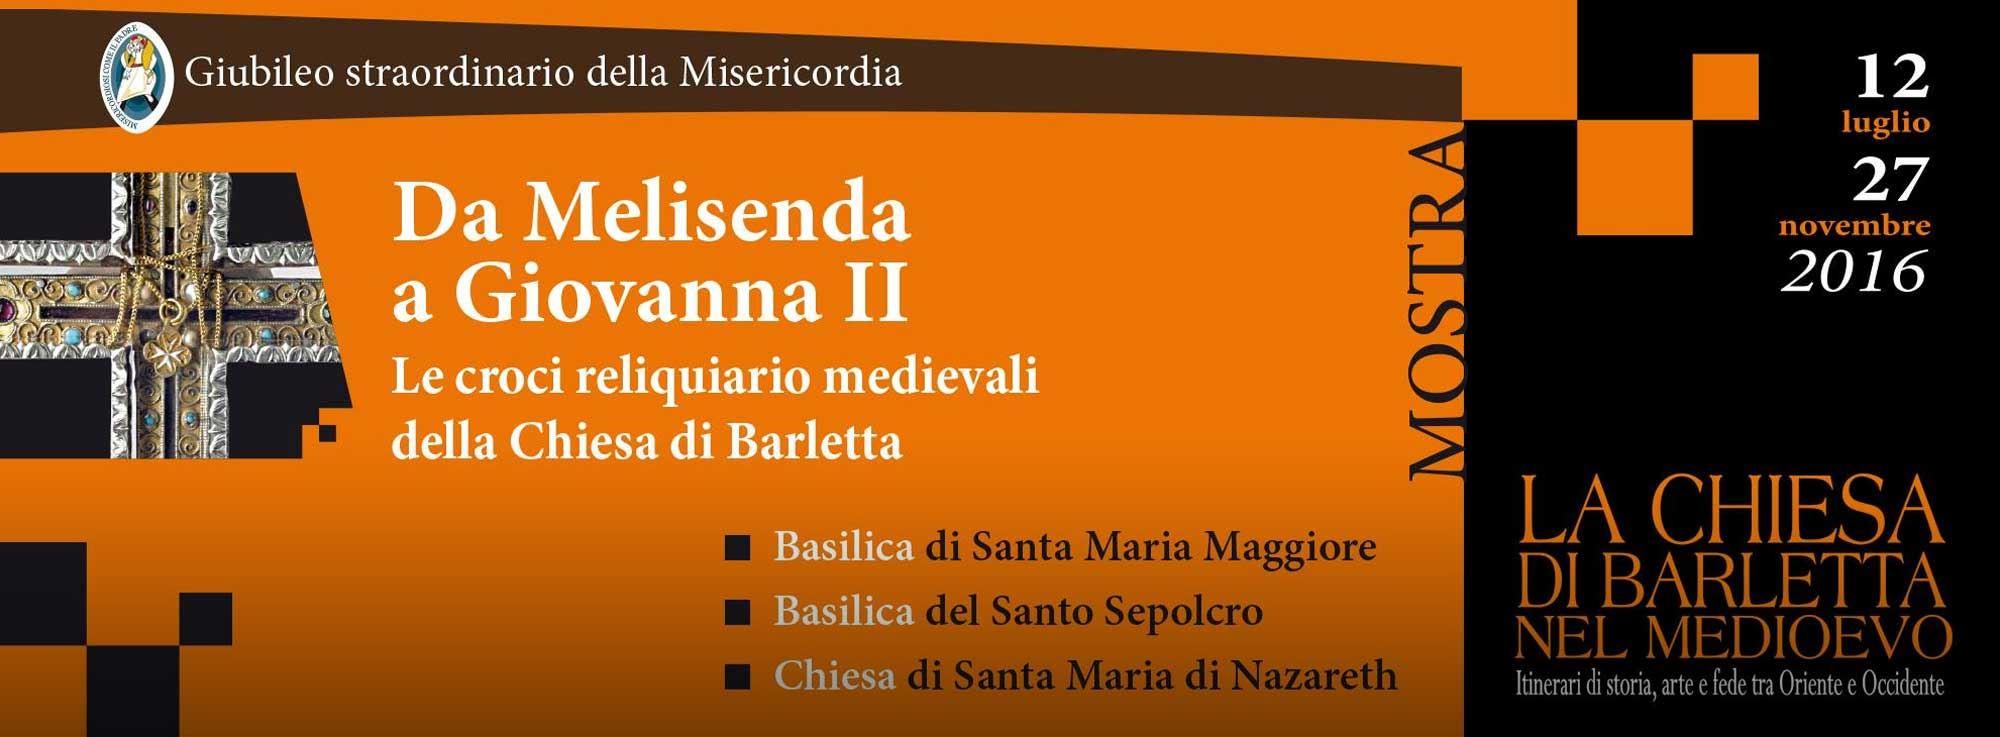 Barletta: Da Melisenda a Giovanna II. Le croci reliquiario medievali della Chiesa di Barletta